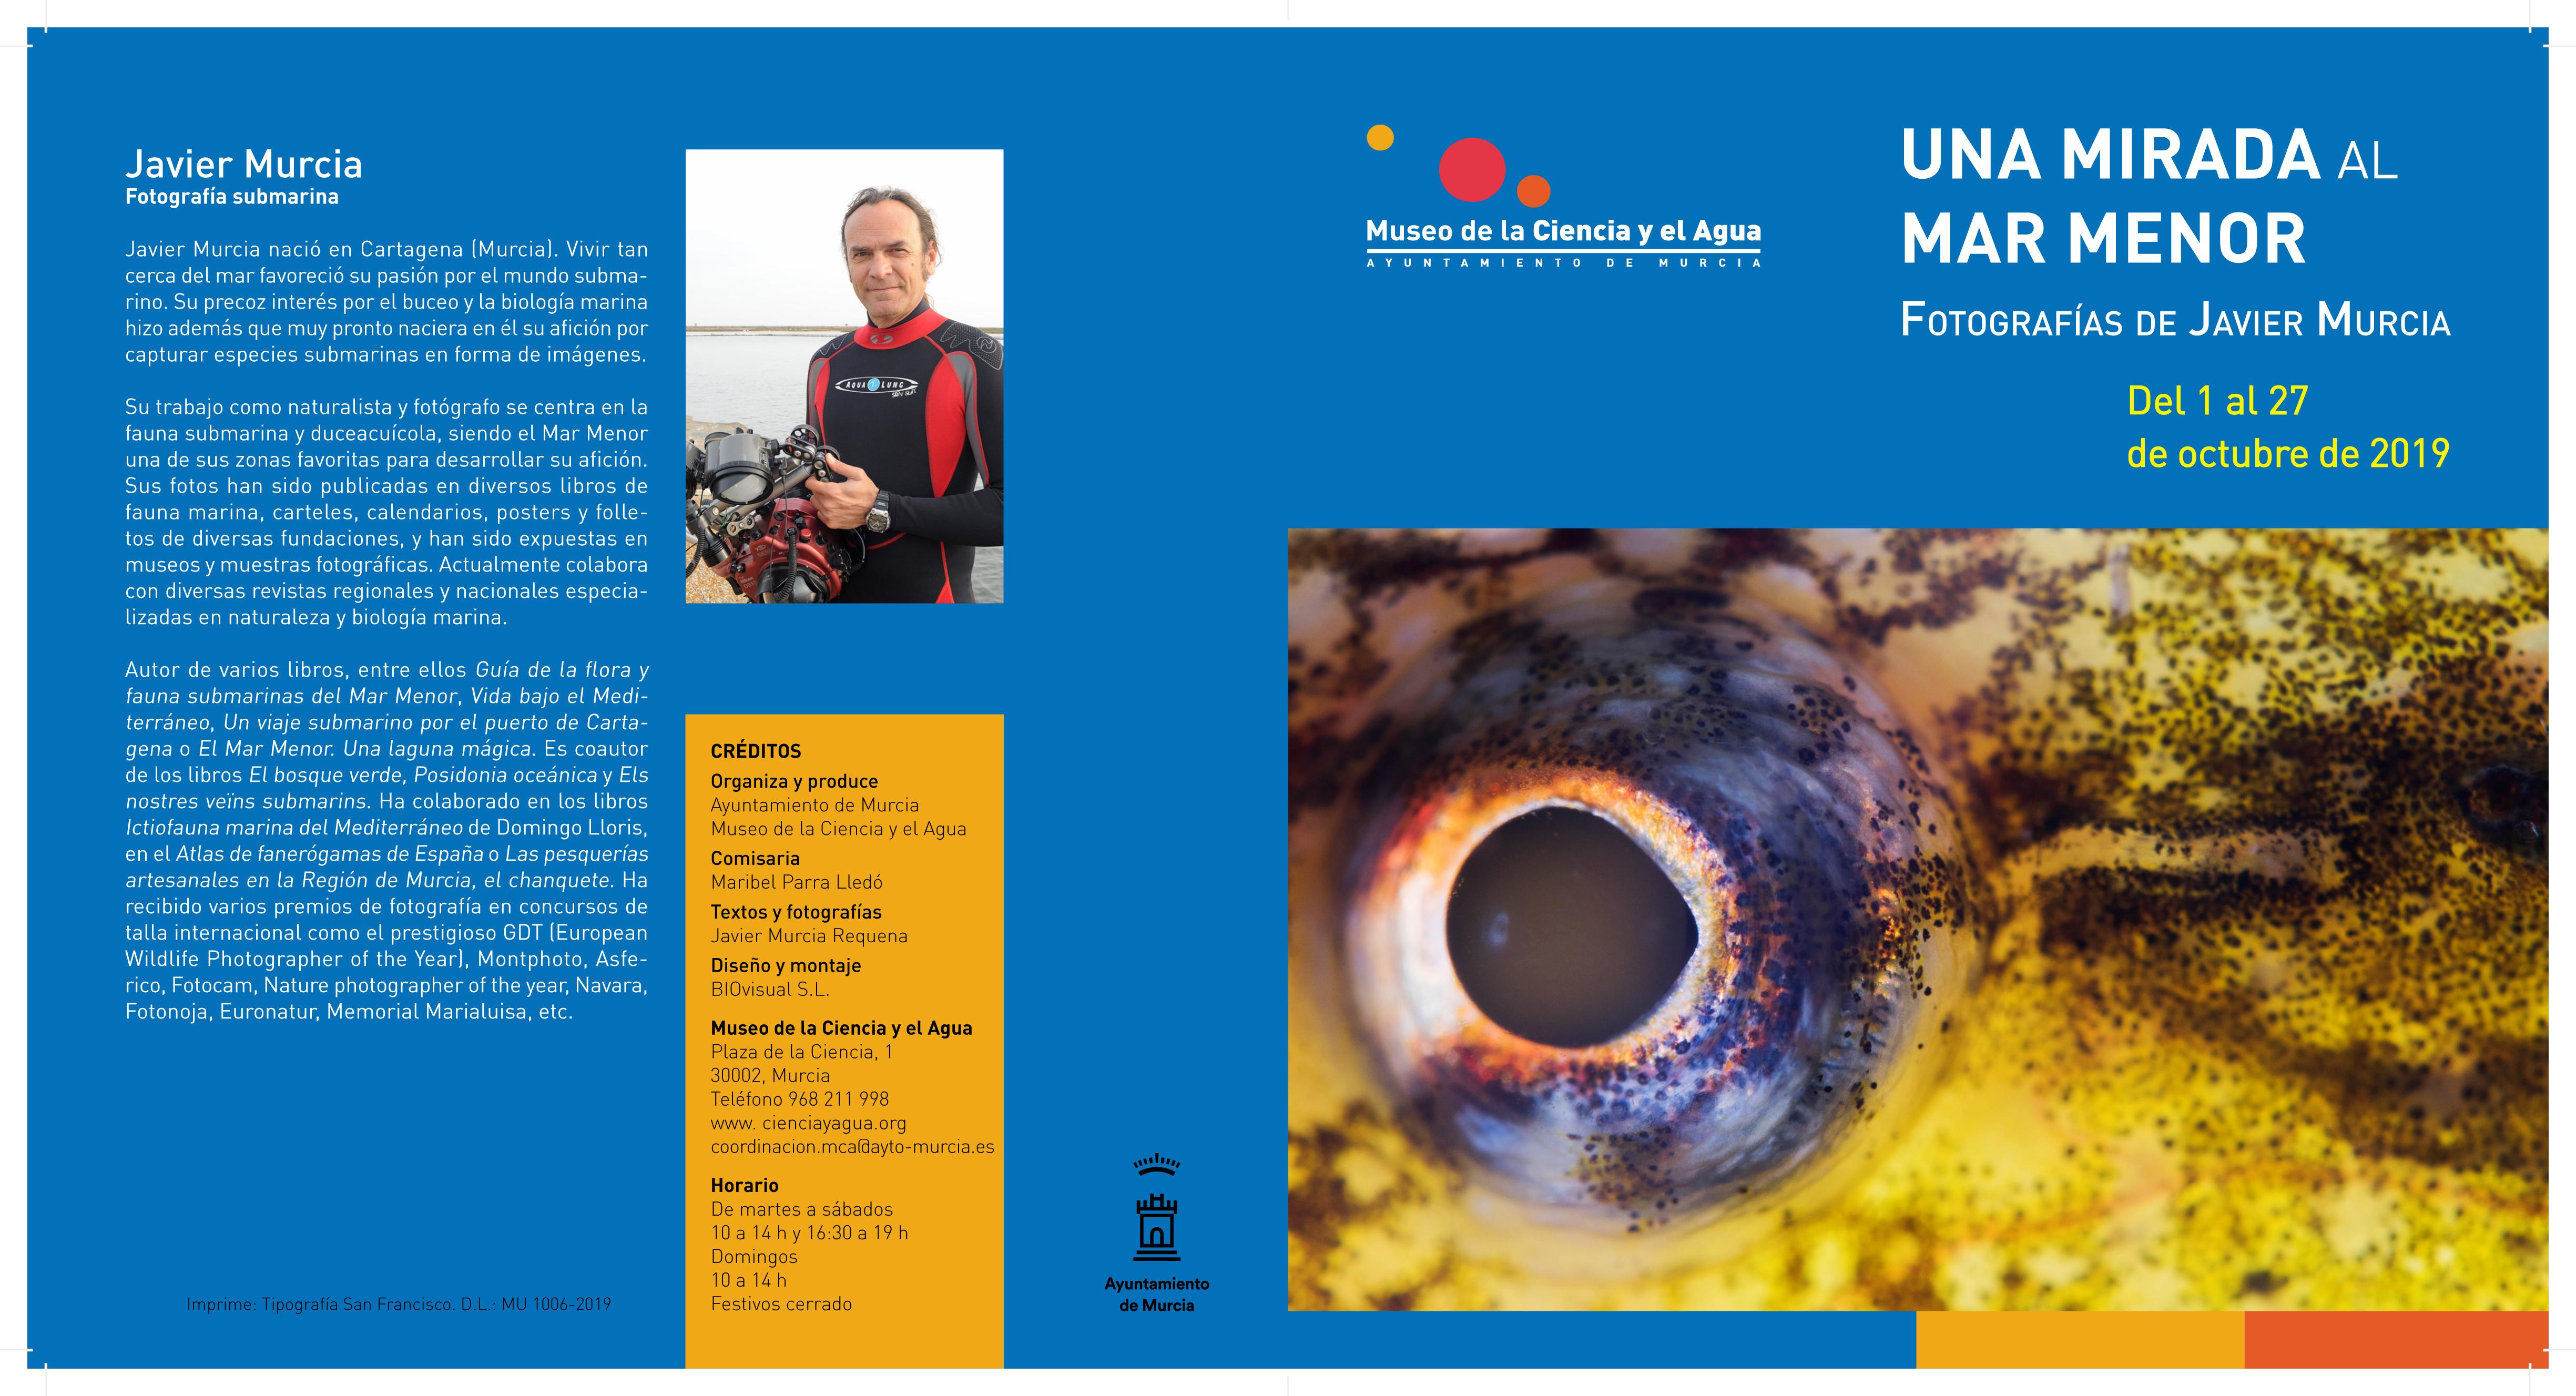 Expo 'Una mirada al Mar Menor', con el Museo de la Ciencia y el Agua